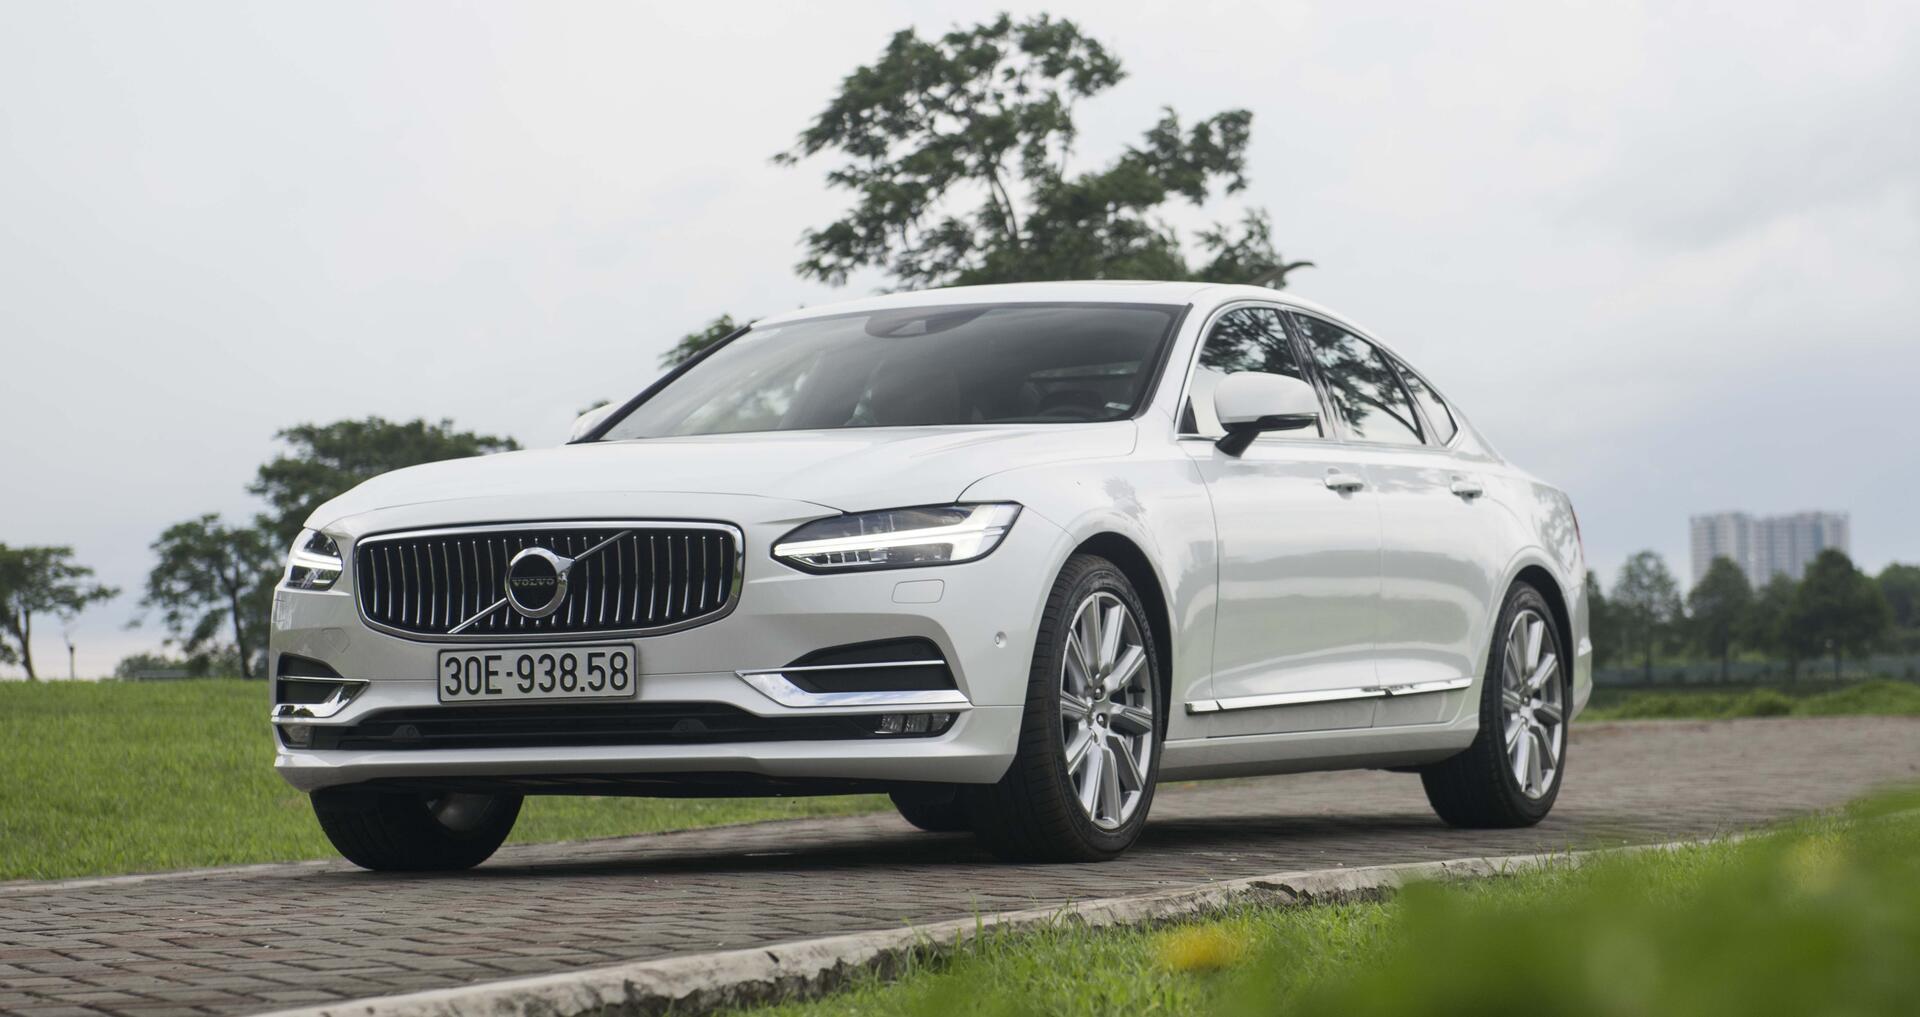 """Đánh giá xe Volvo S90 Inscription 2017: """"Gió mới"""" từ Bắc Âu giá 2,7 tỷ đồng - Hình 1"""